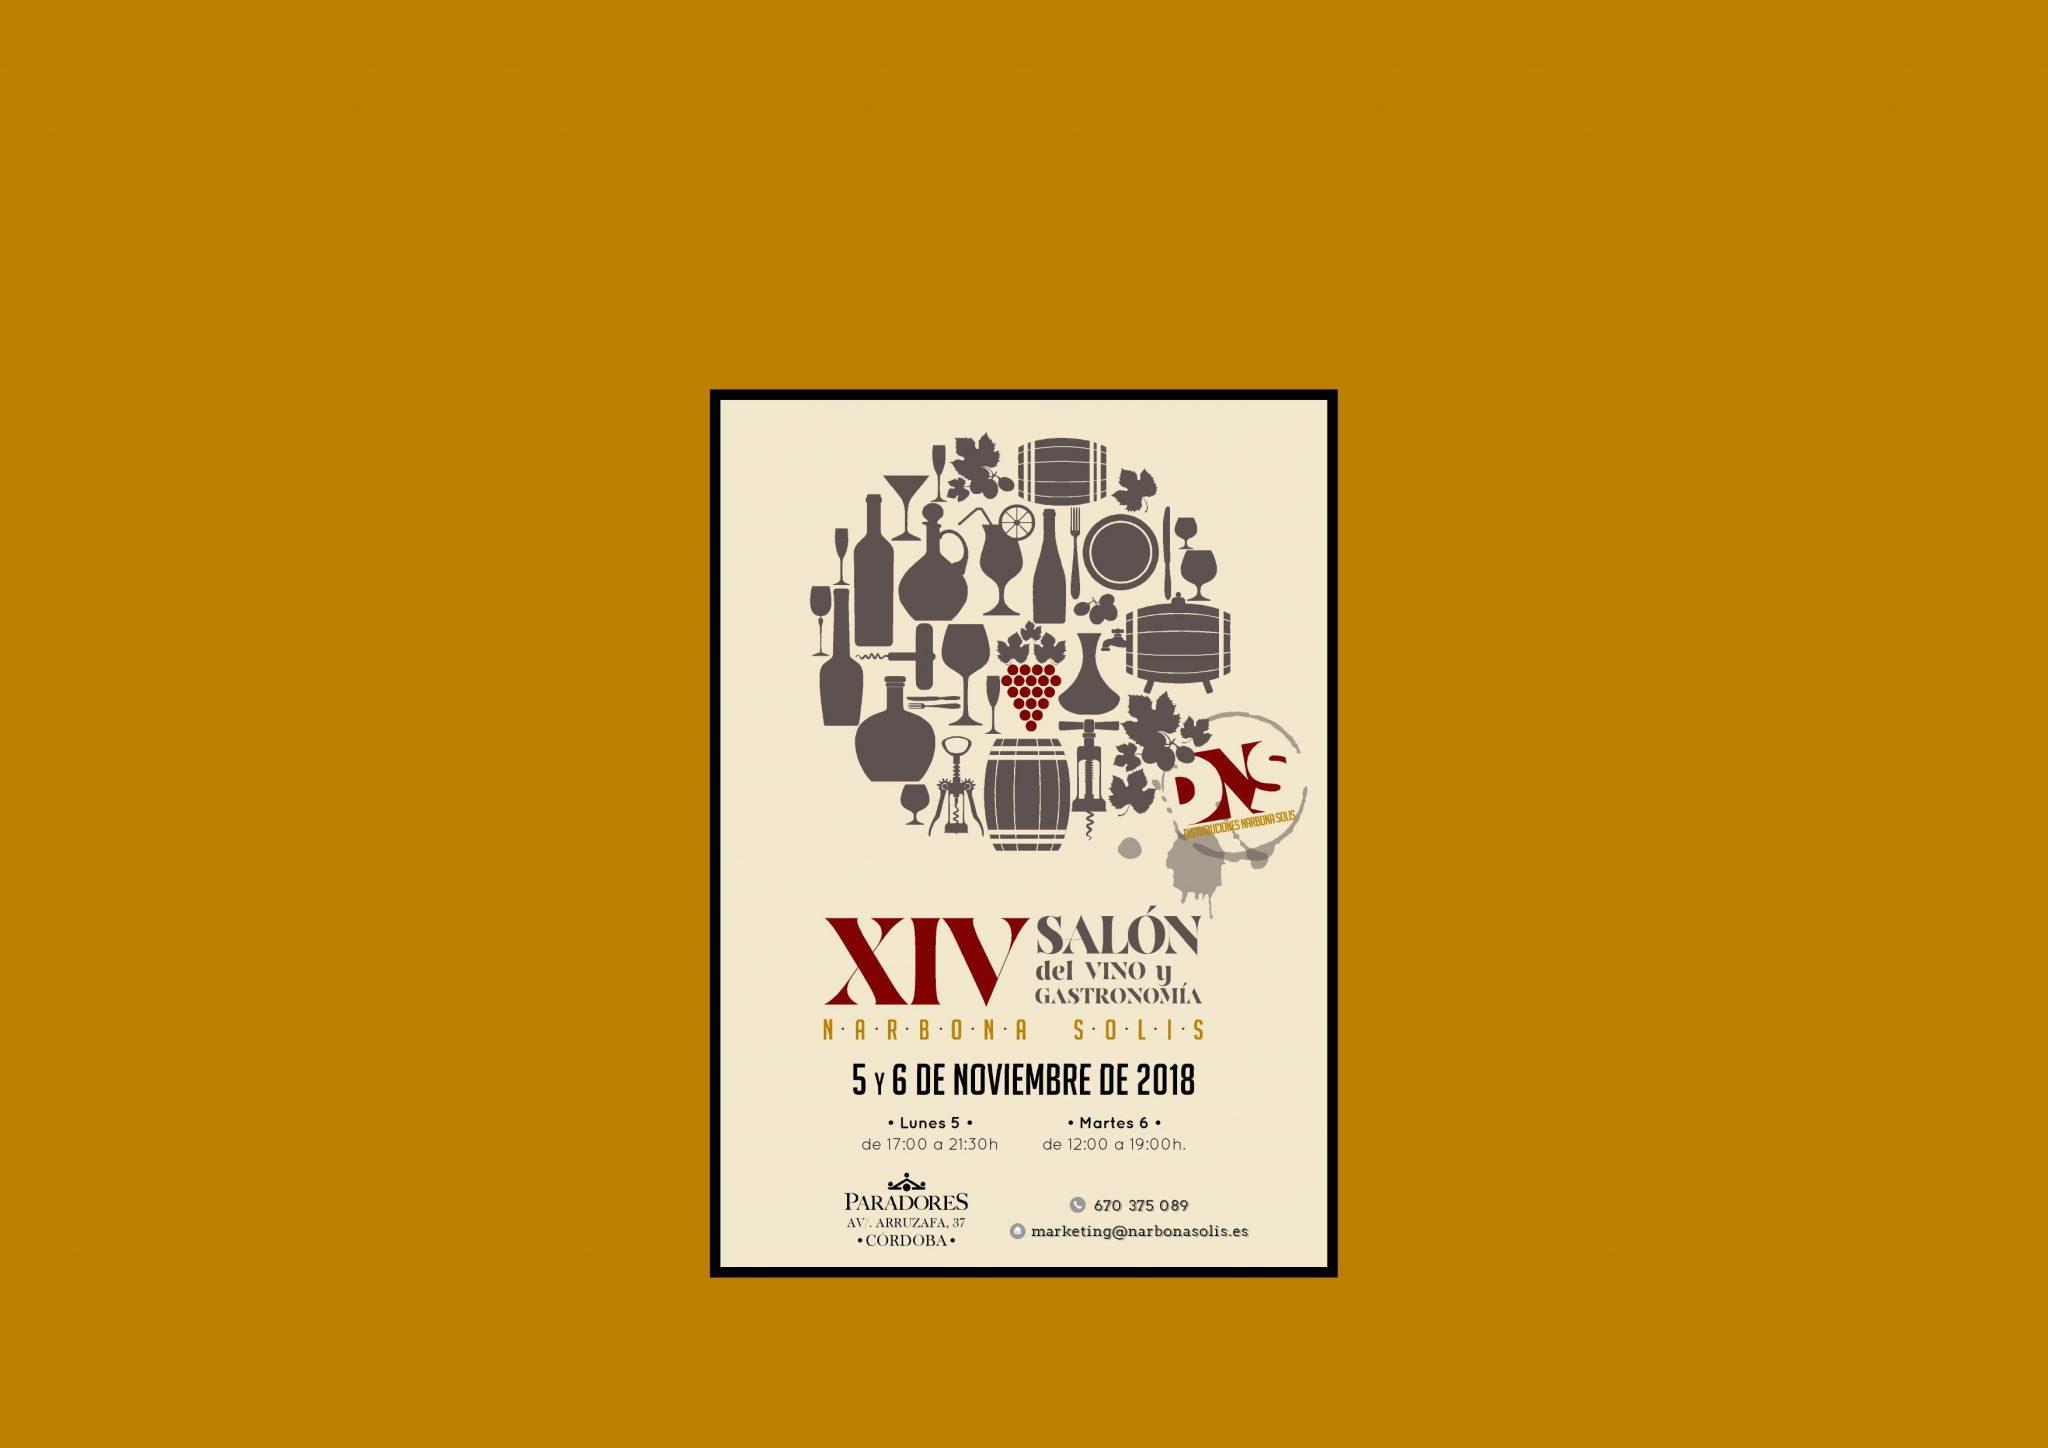 XIV Salón del vino